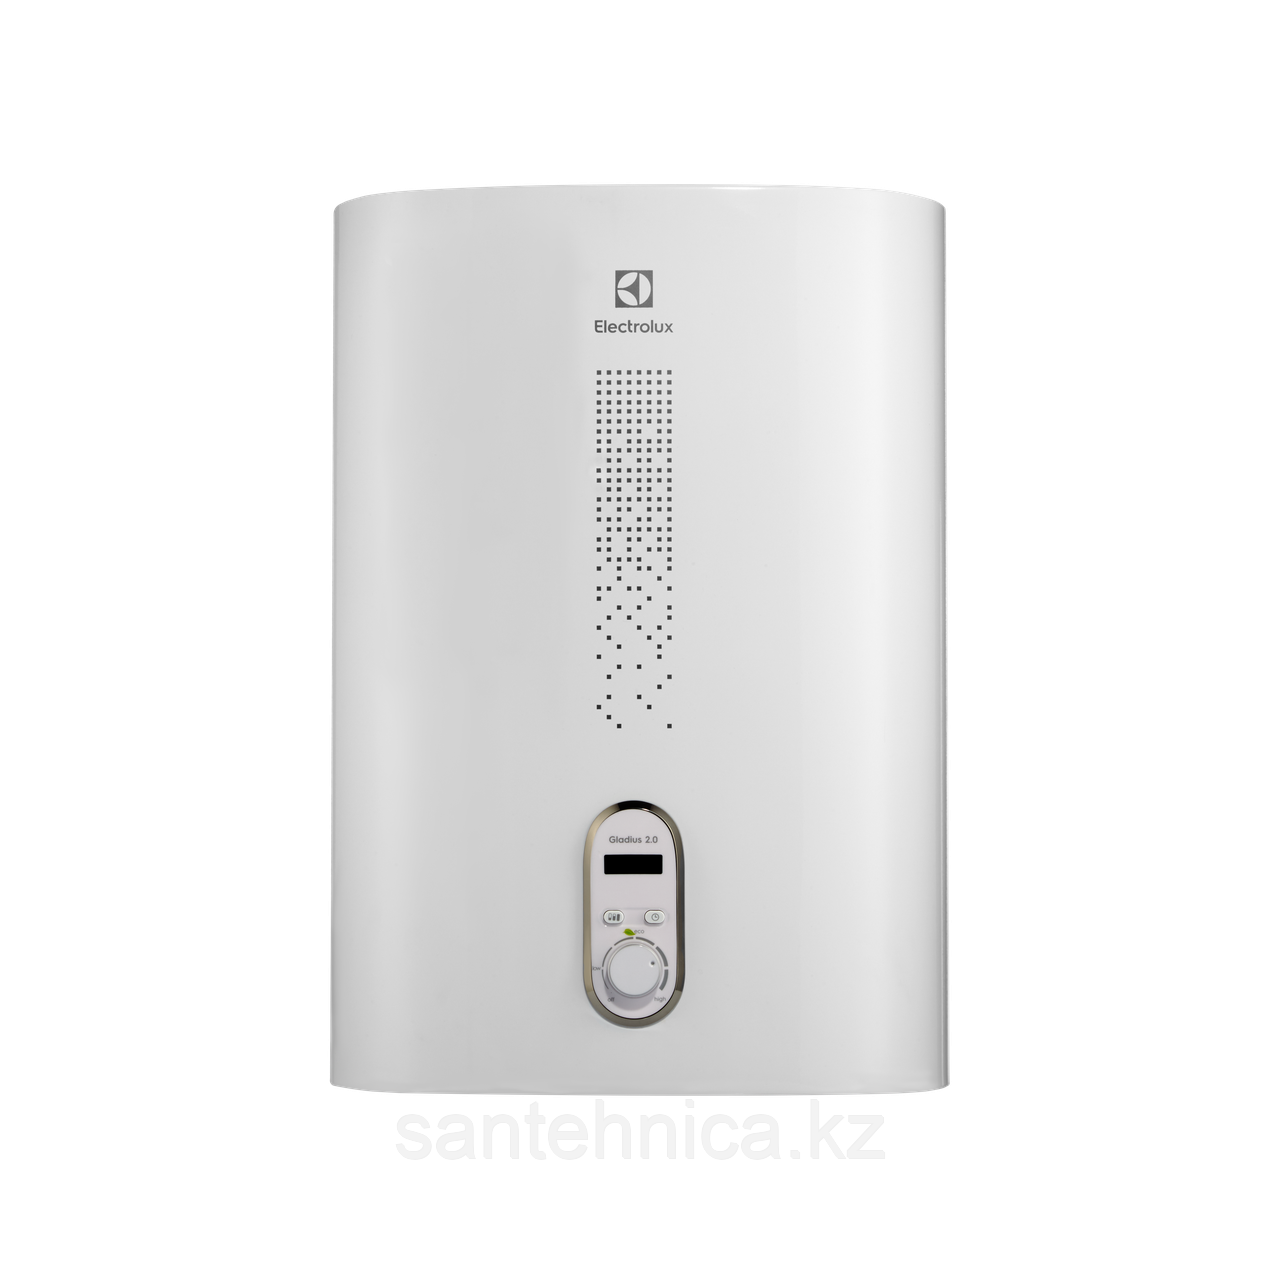 Электрический водонагреватель Electrolux EWH 30 Gladius 2.0 СУХИЕ ТЕНЫ